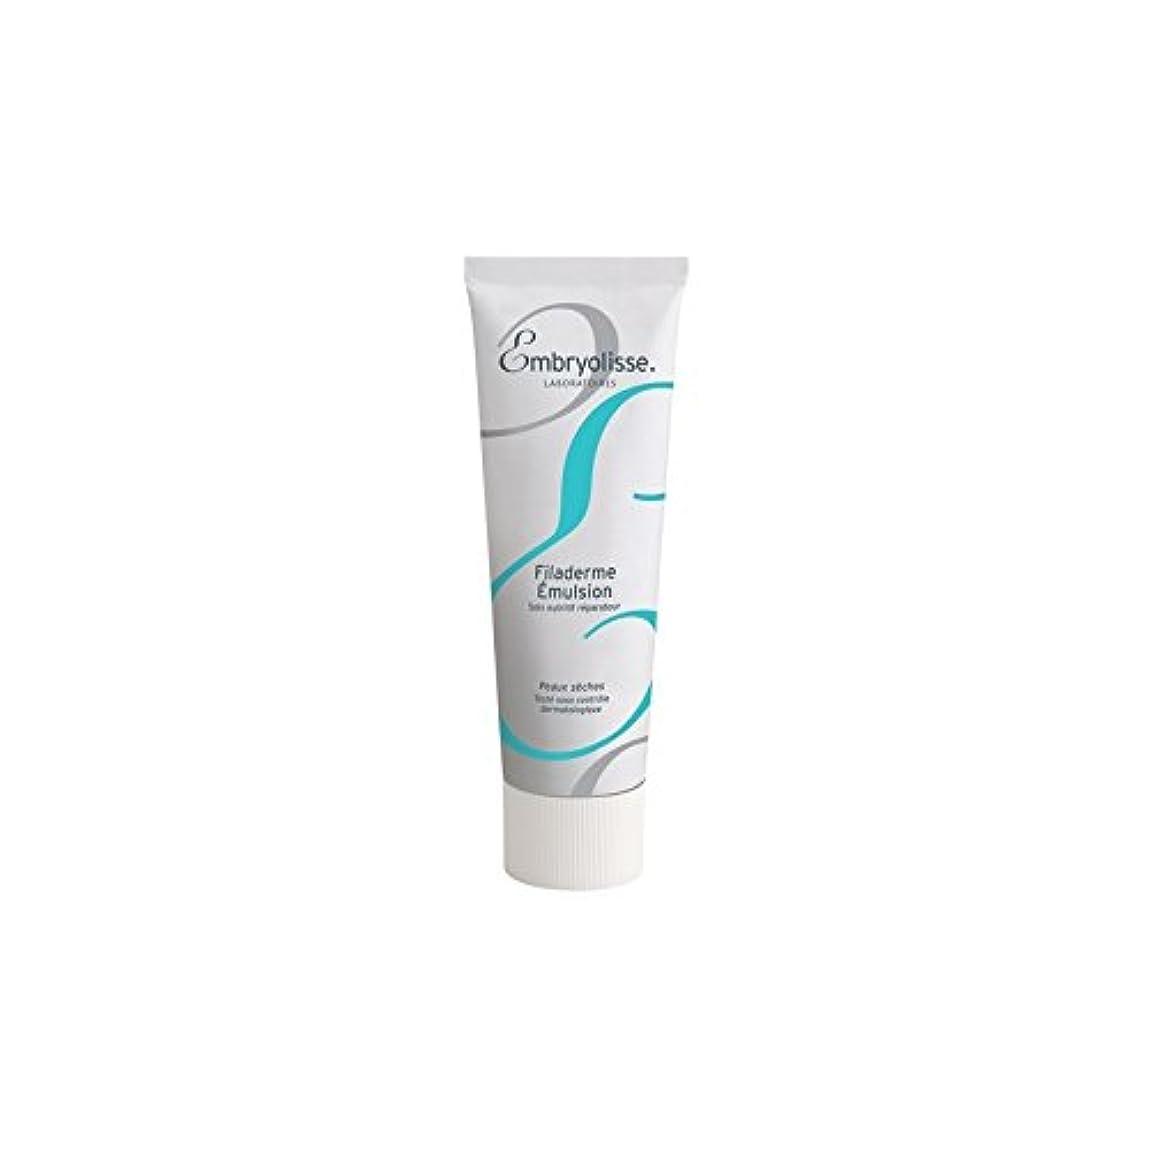 若い単位セグメントEmbryolisse Filaderme Emulsion (75ml) - エマルジョン(75ミリリットル) [並行輸入品]